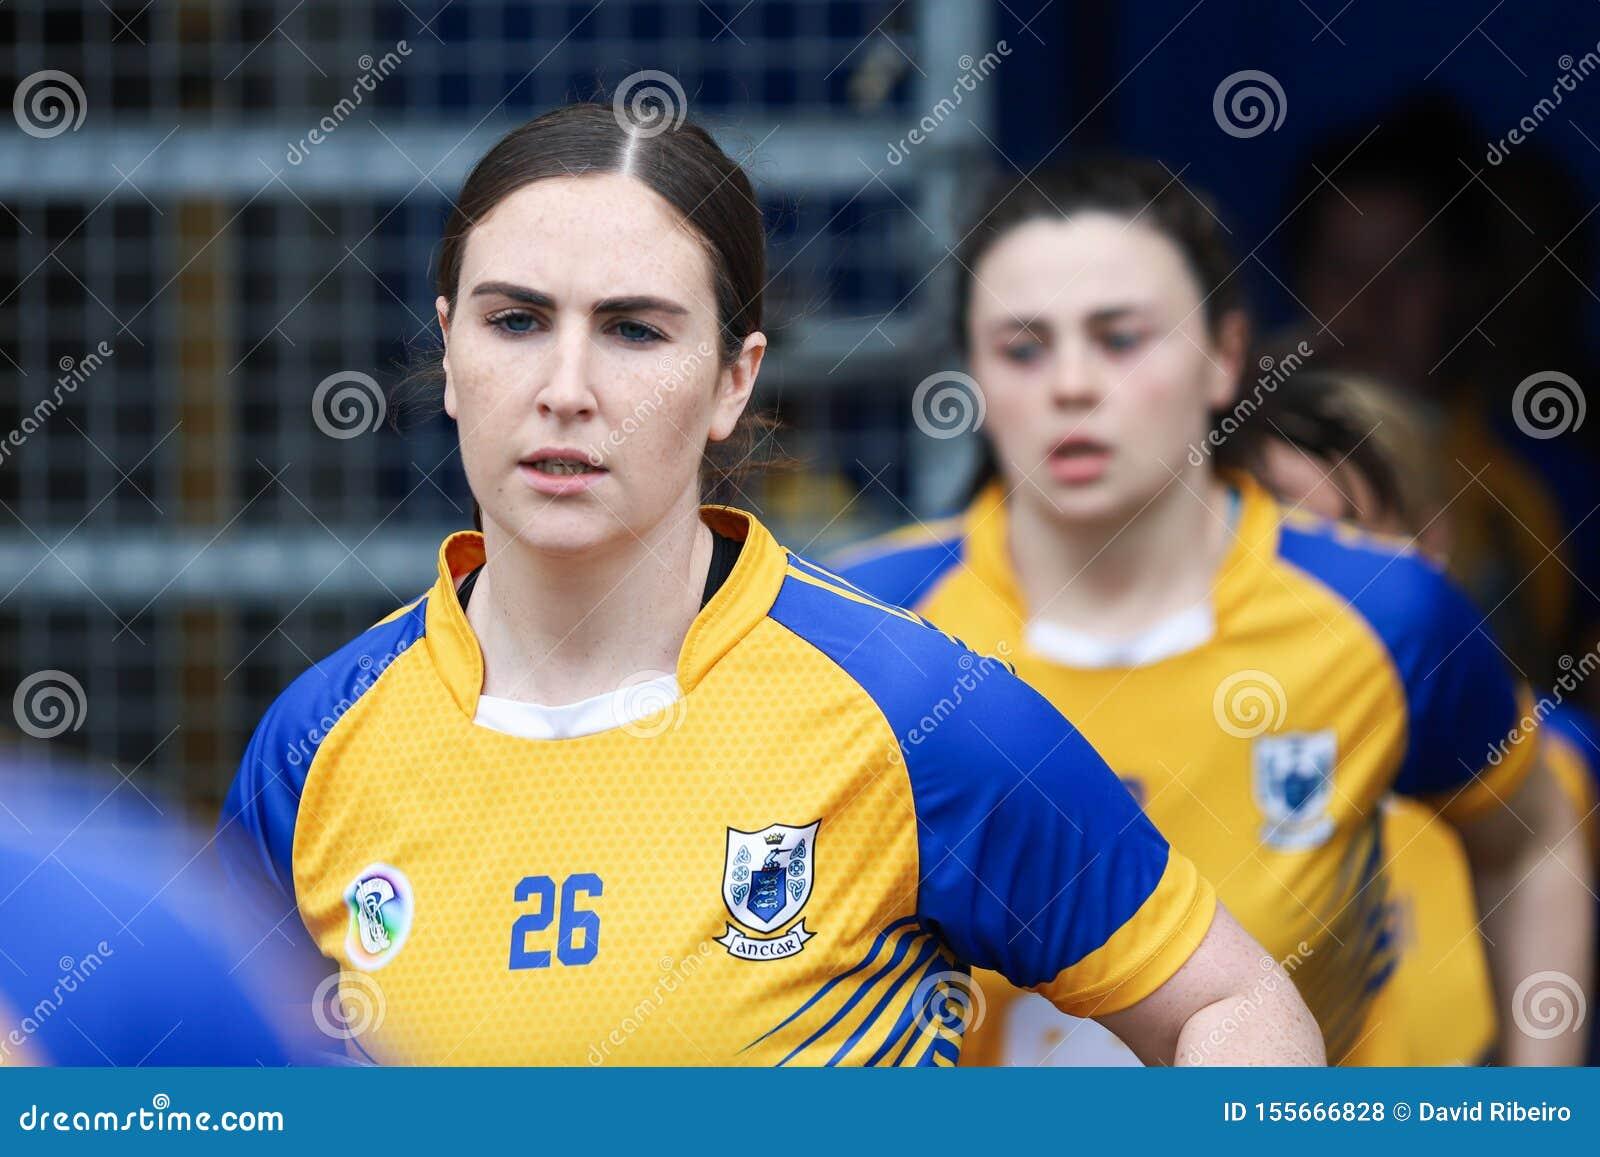 All-Irland premiärminister Junior Championship Semi-Final mellan länet Clare och länet Kerry